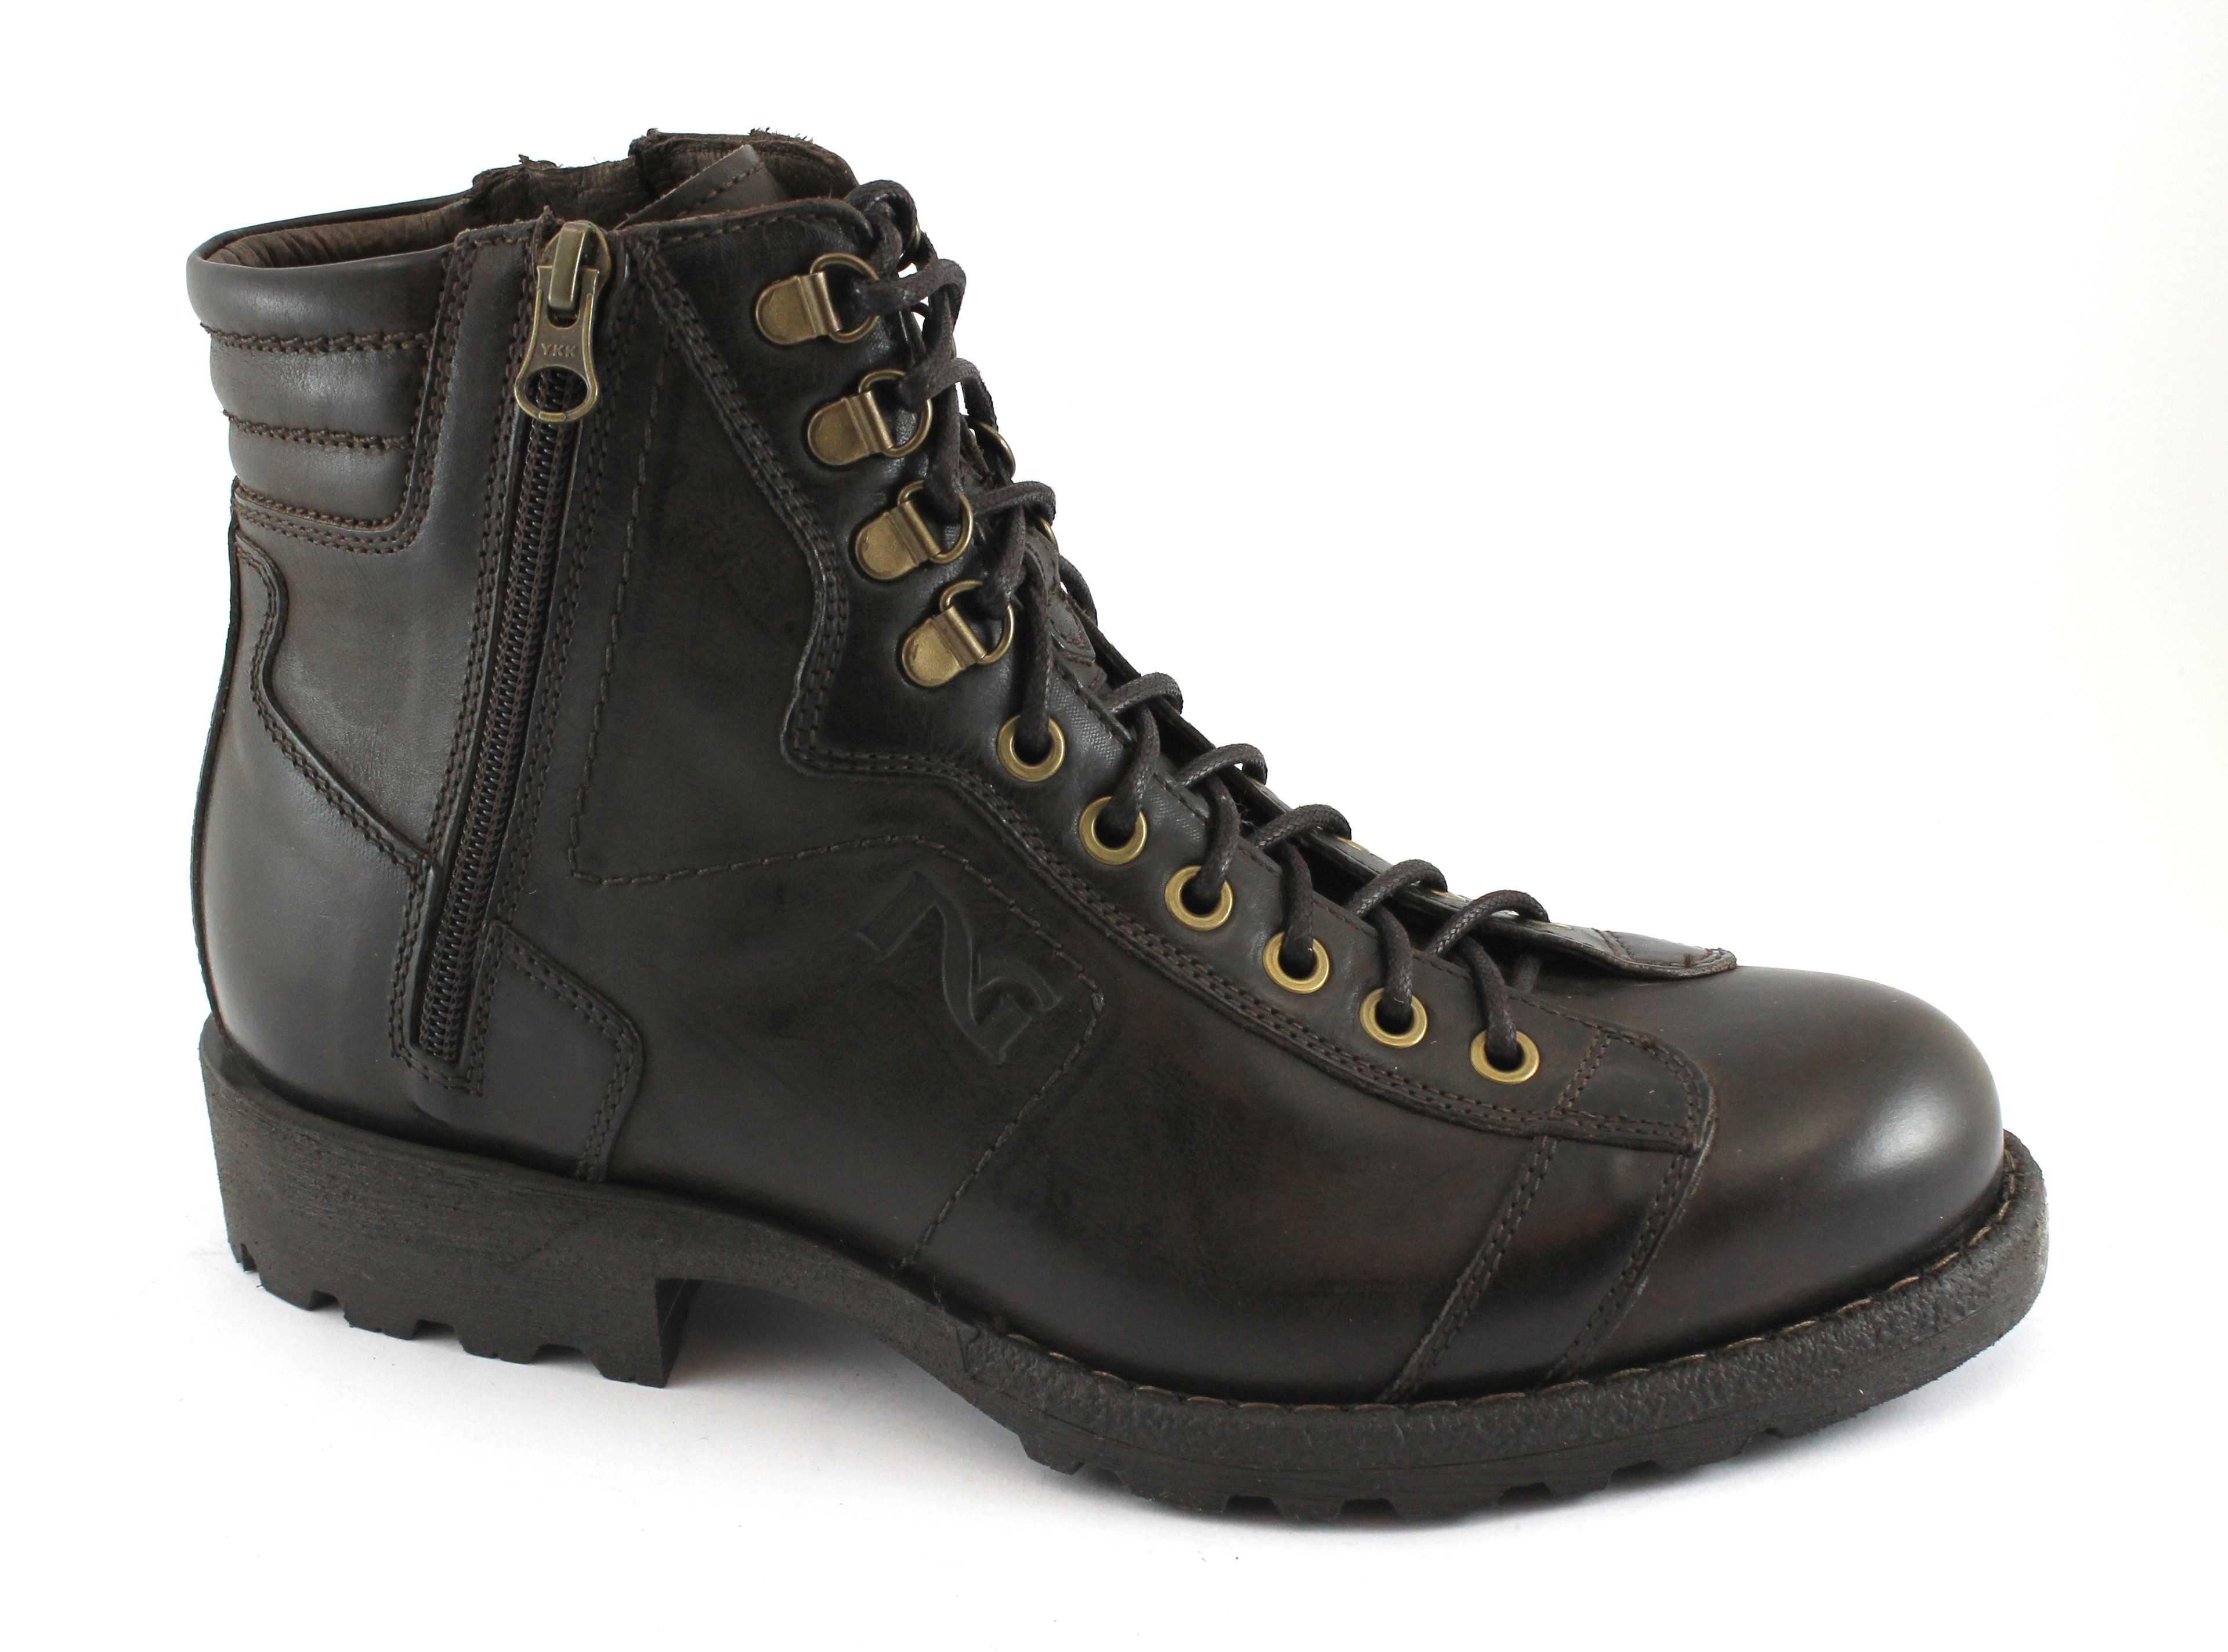 NERO-GIARDINI-05490-t-moro-scarpe-uomo-stivaletti-scarponcini-tipo-anfibio-zip